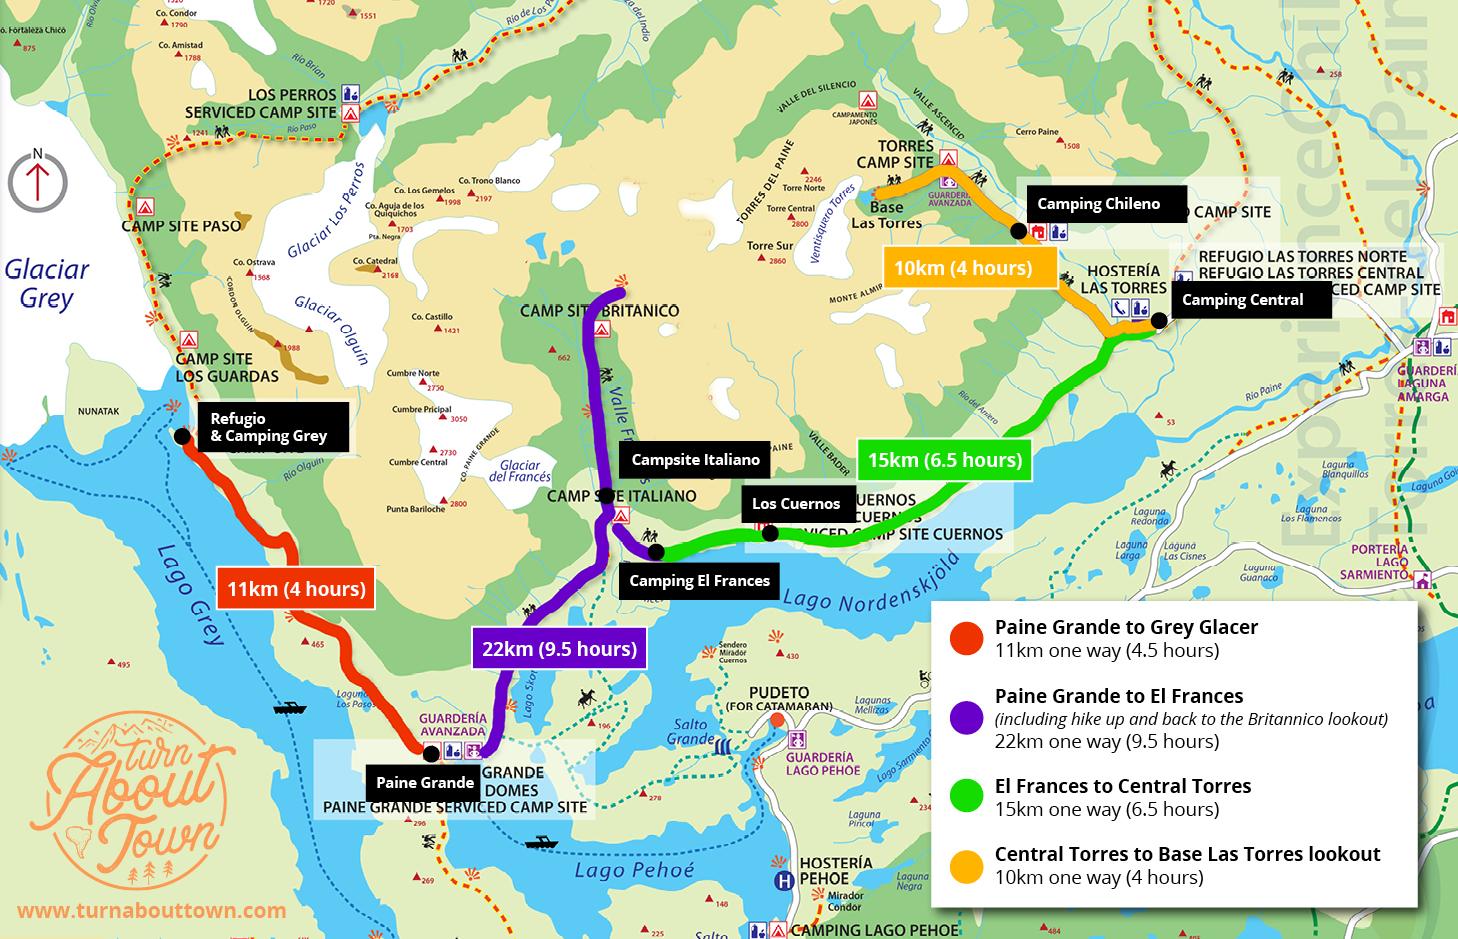 W Trek Map with distances